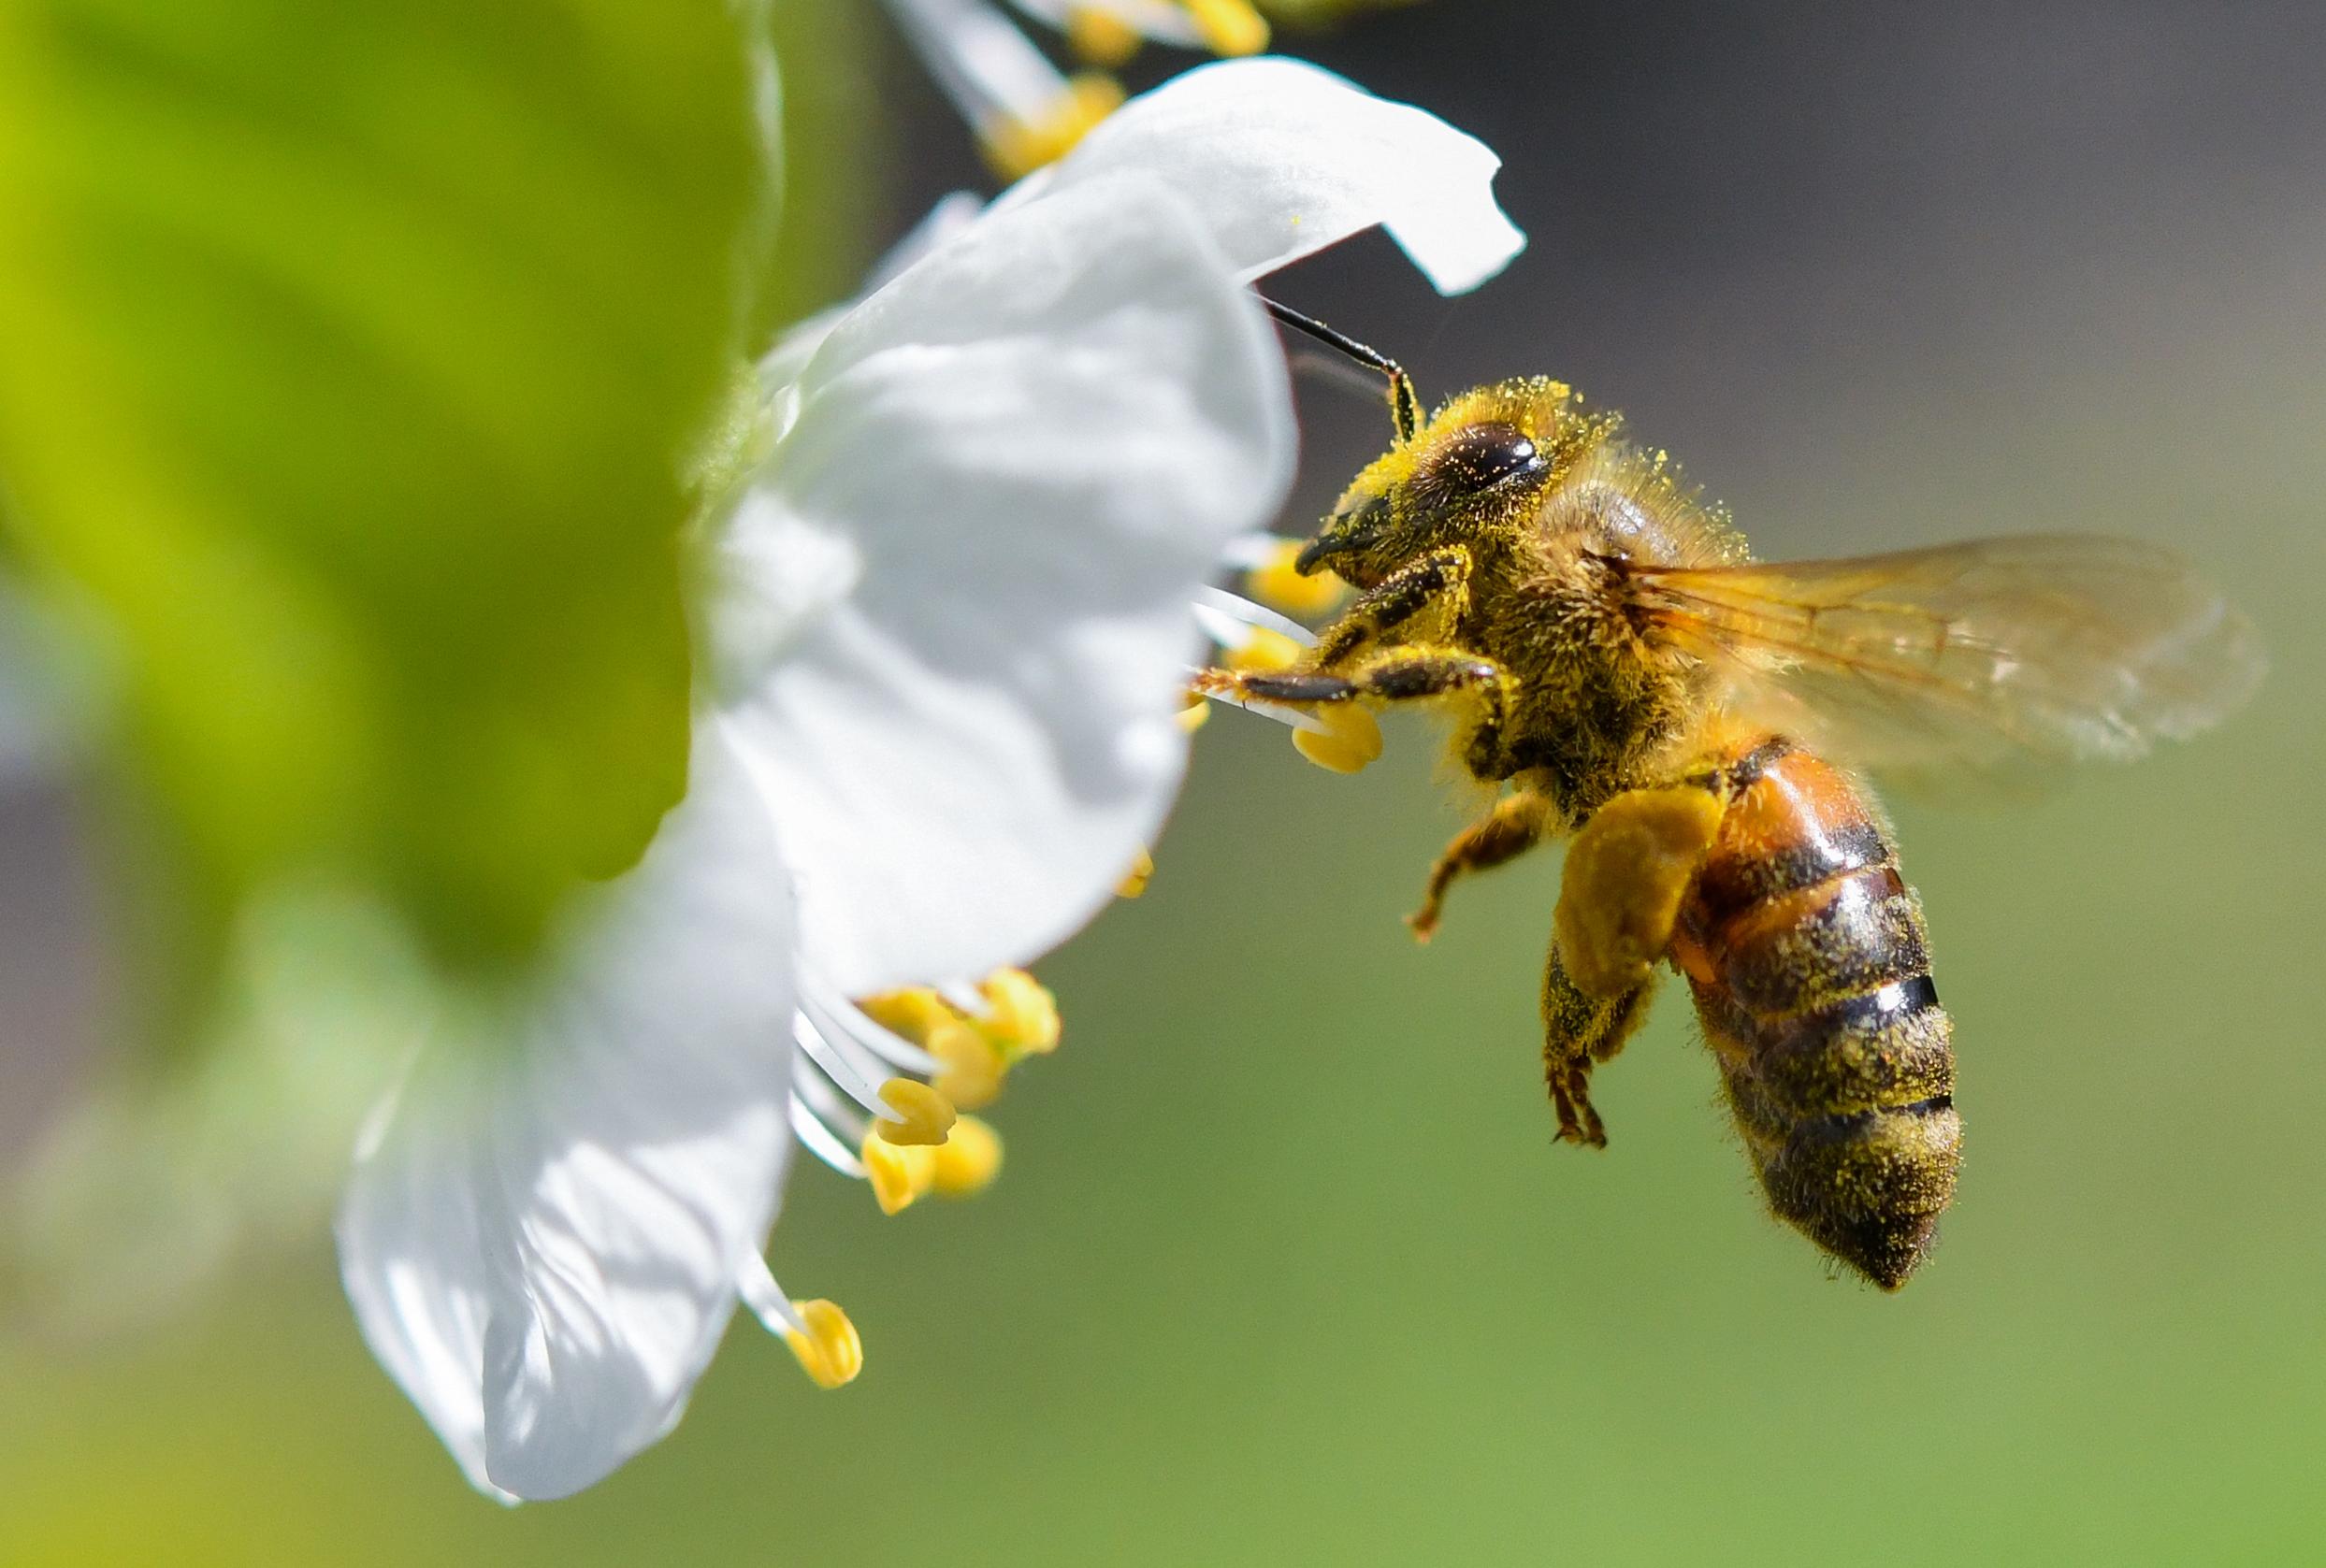 December 19-től már csak üvegházakban használhatják a méheket is irtó neonikotinoidokat